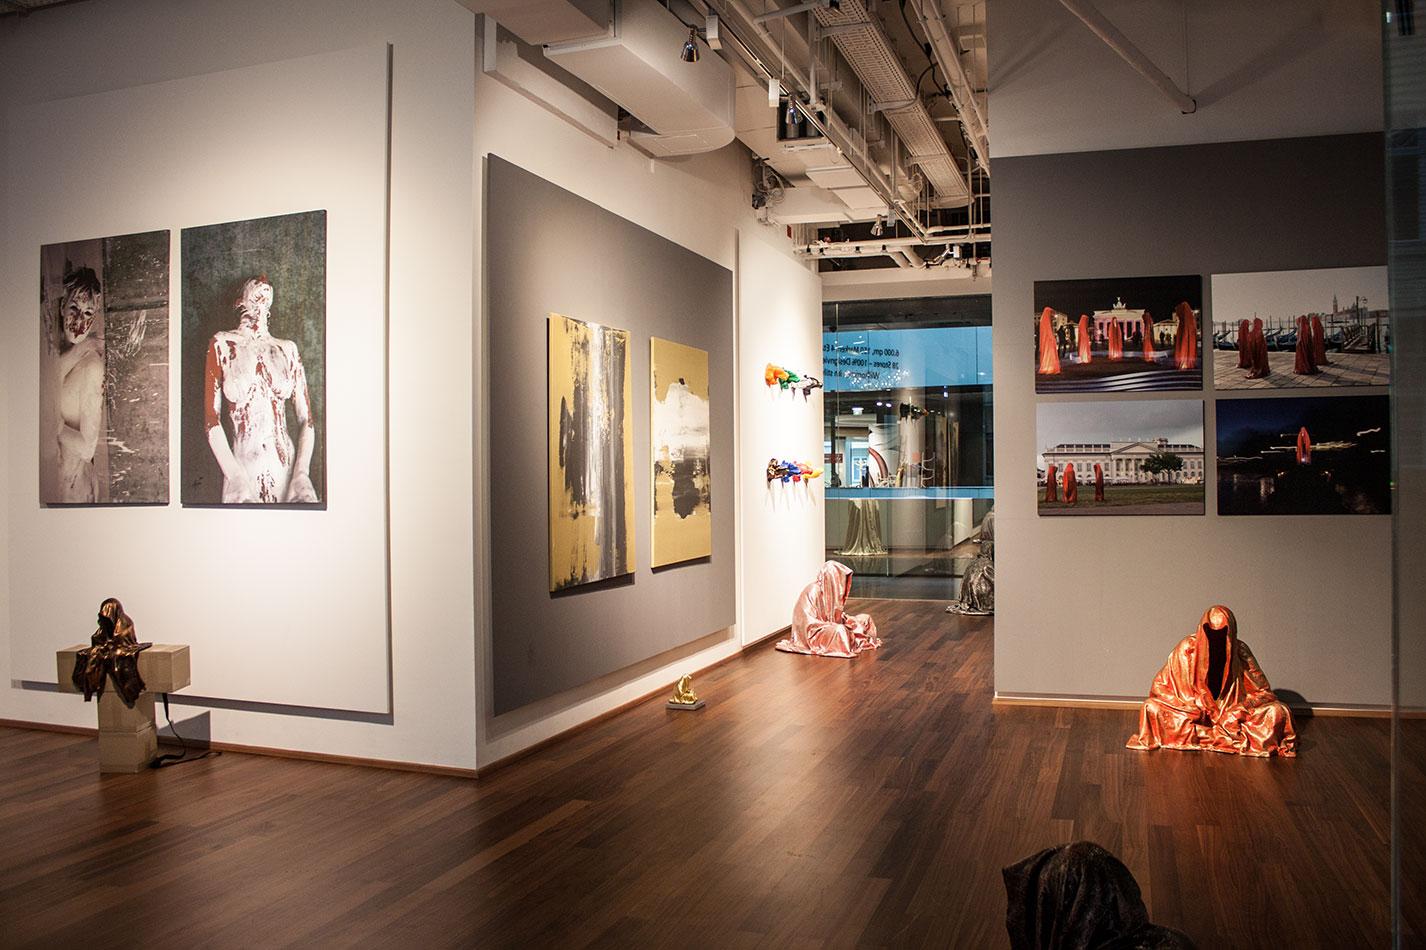 stilwerk-wien-designtower-vienna-show-guardians-of-time-waechter-der-zeit-manfred-kielnhofer-modern-contemporary-fine-art-design-sculpture-3d-arts-3923 - Kopie